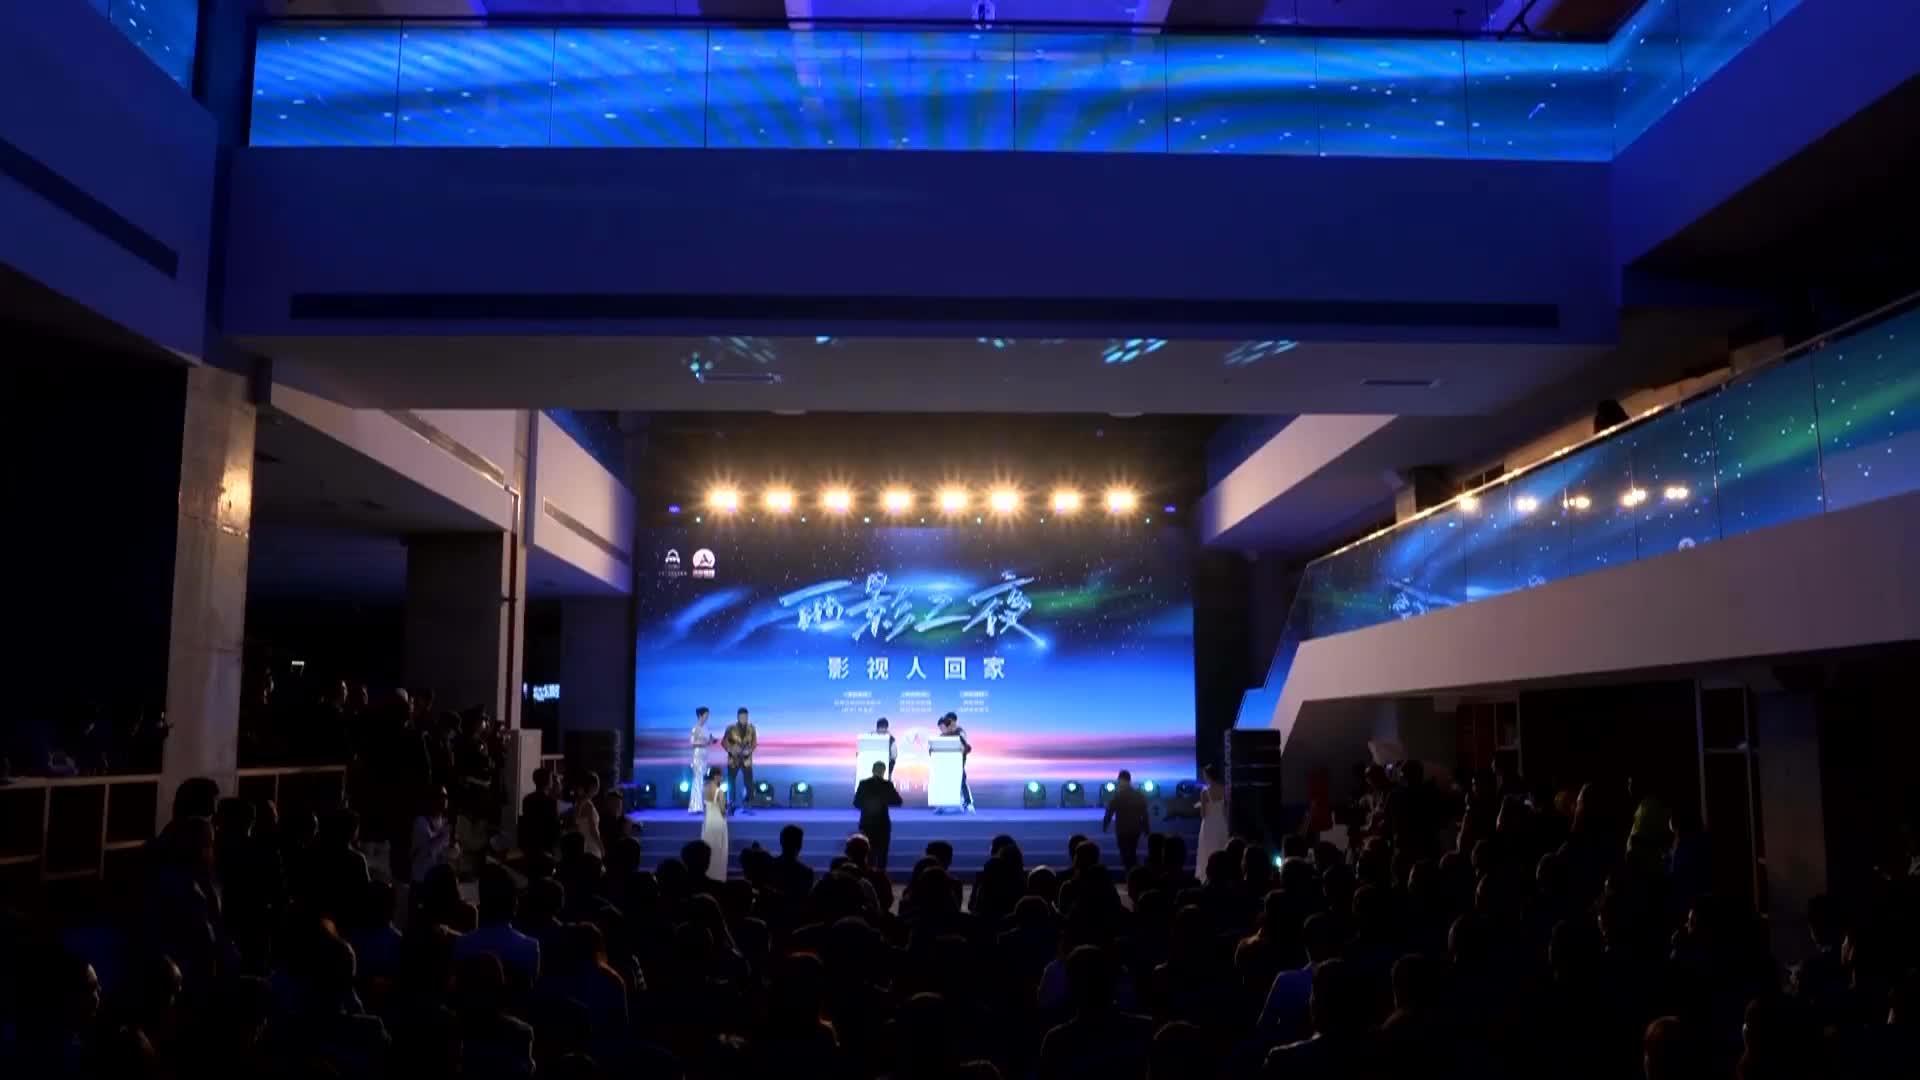 西影之夜:贰零壹陆影视传媒与西影项目战略合作签约仪式